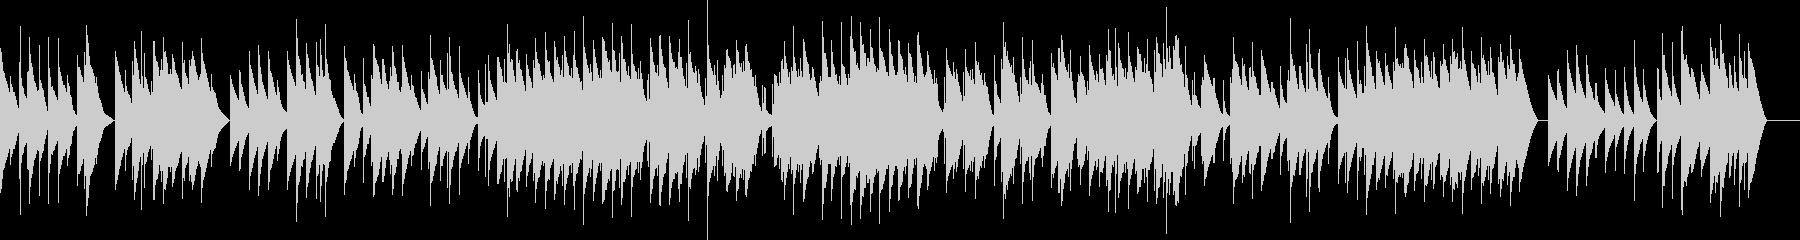 フォーレ 4.メリザンドの死 オルゴールの未再生の波形